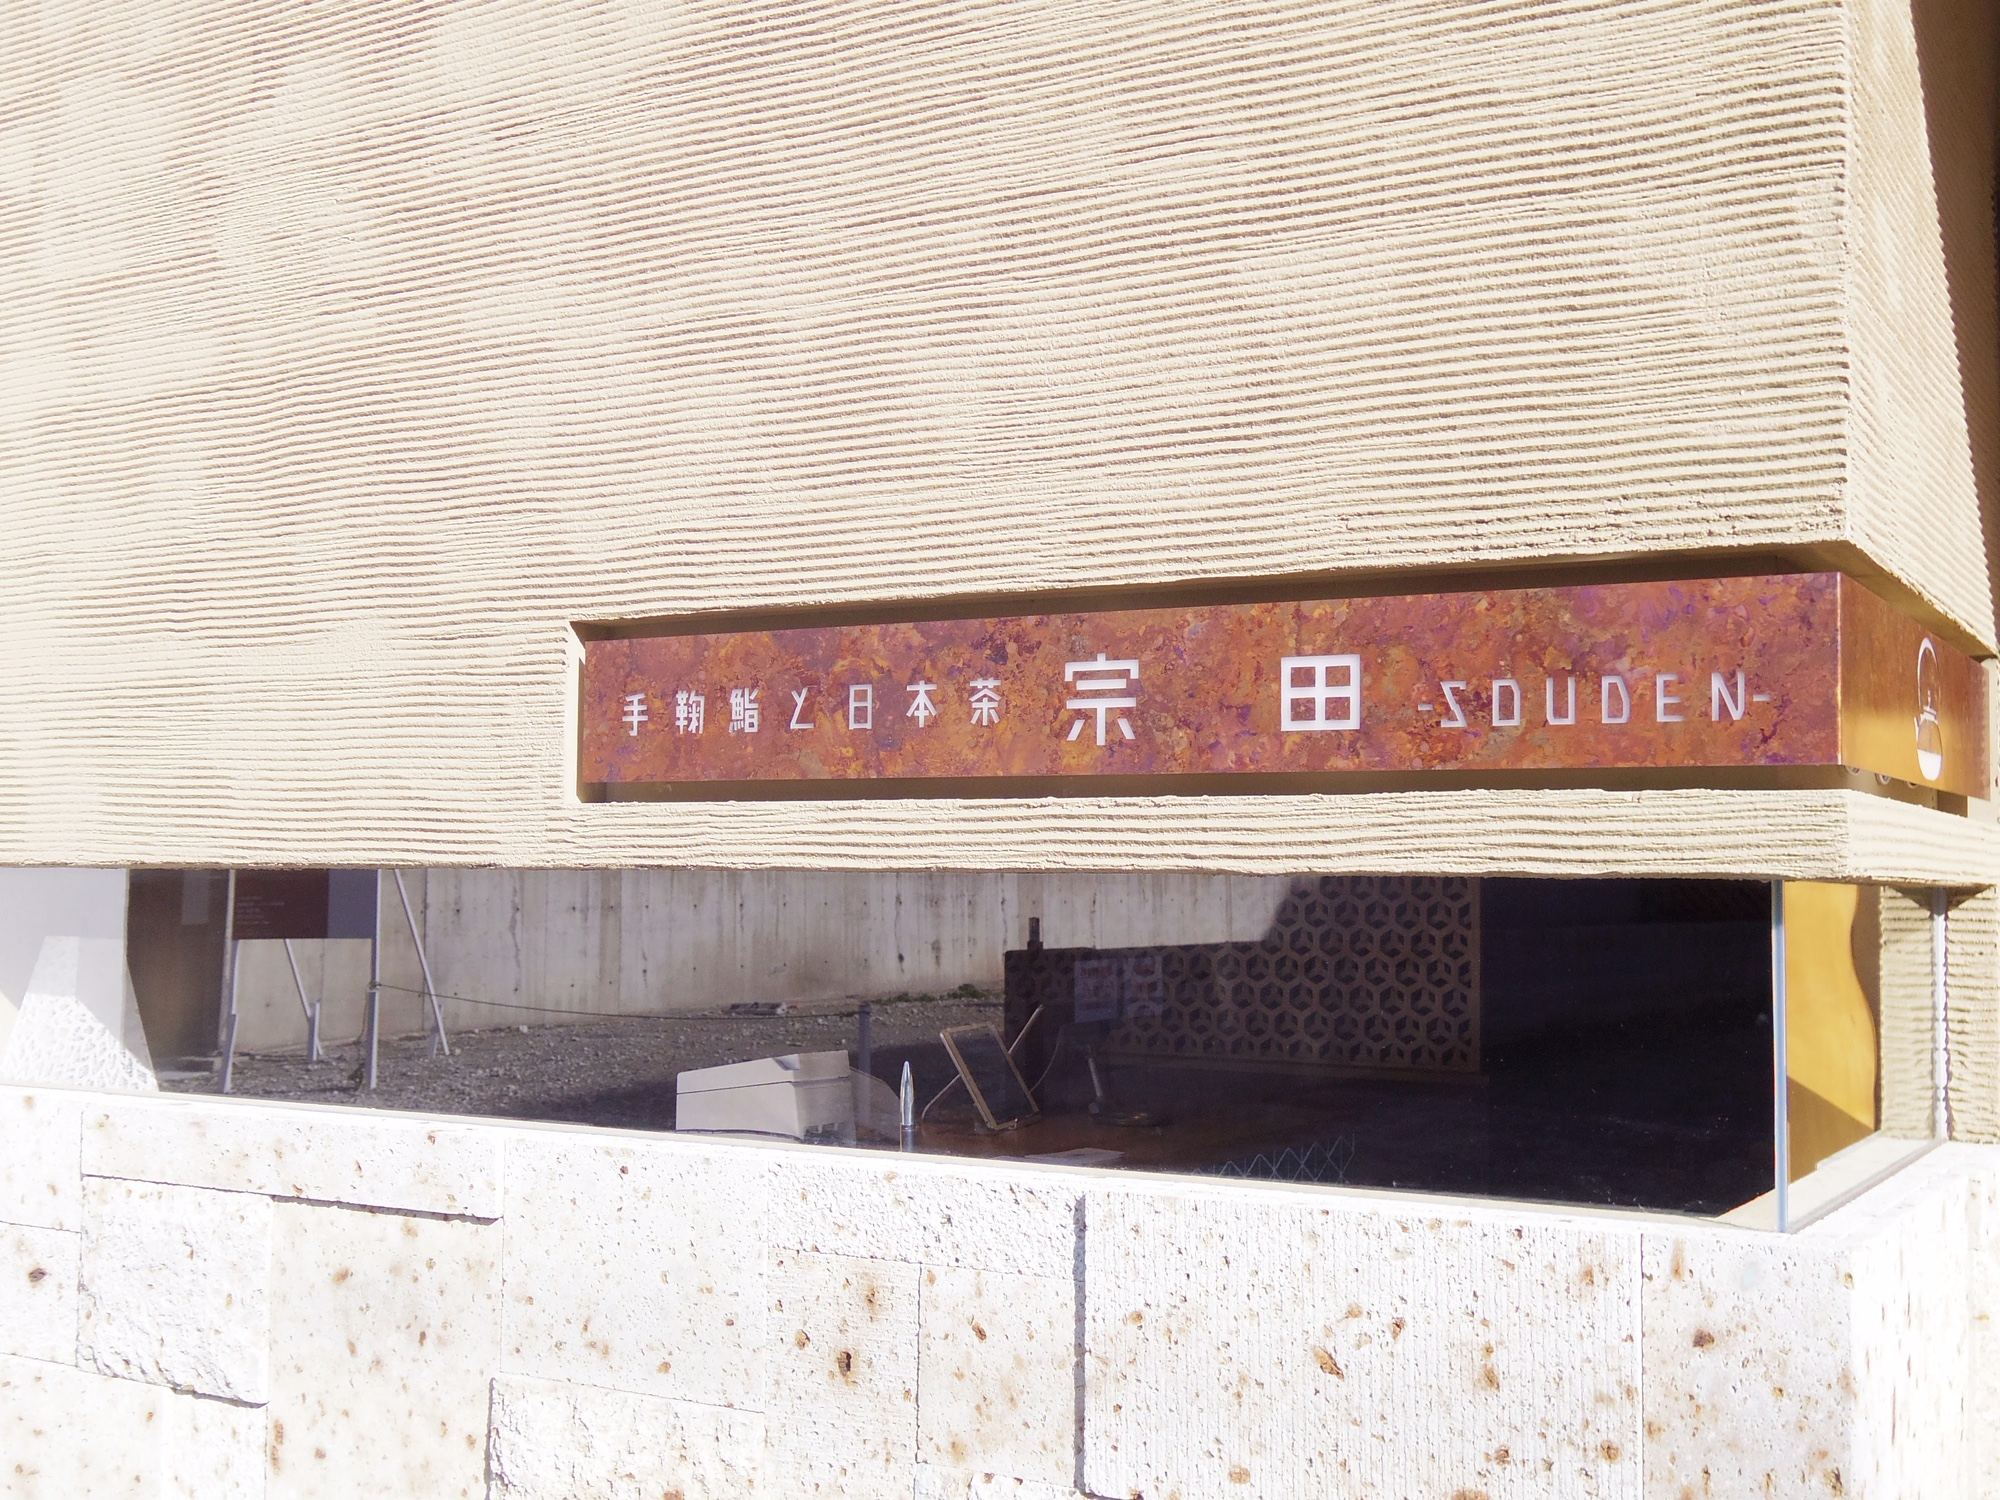 【予約必須】京都で「手鞠鮨」を食べよう♡オススメはここだ!_1